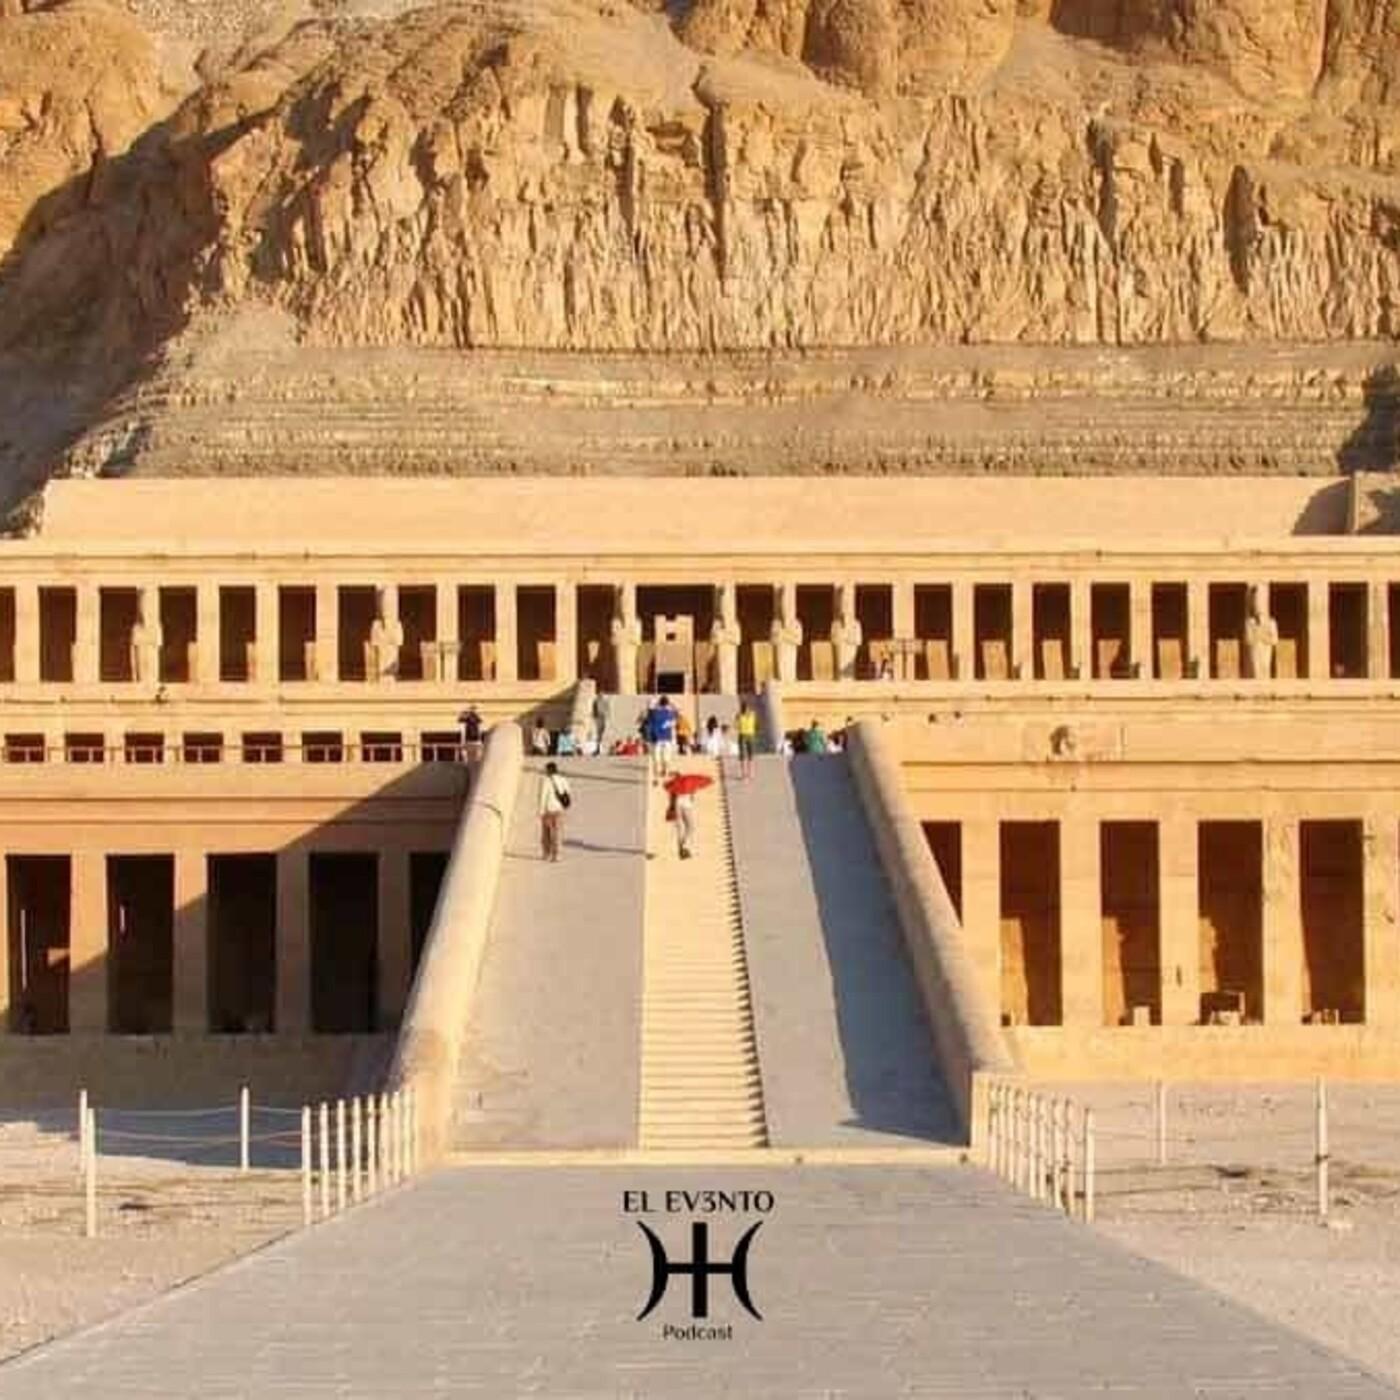 Vida extra: El misterio de Hatshepsut